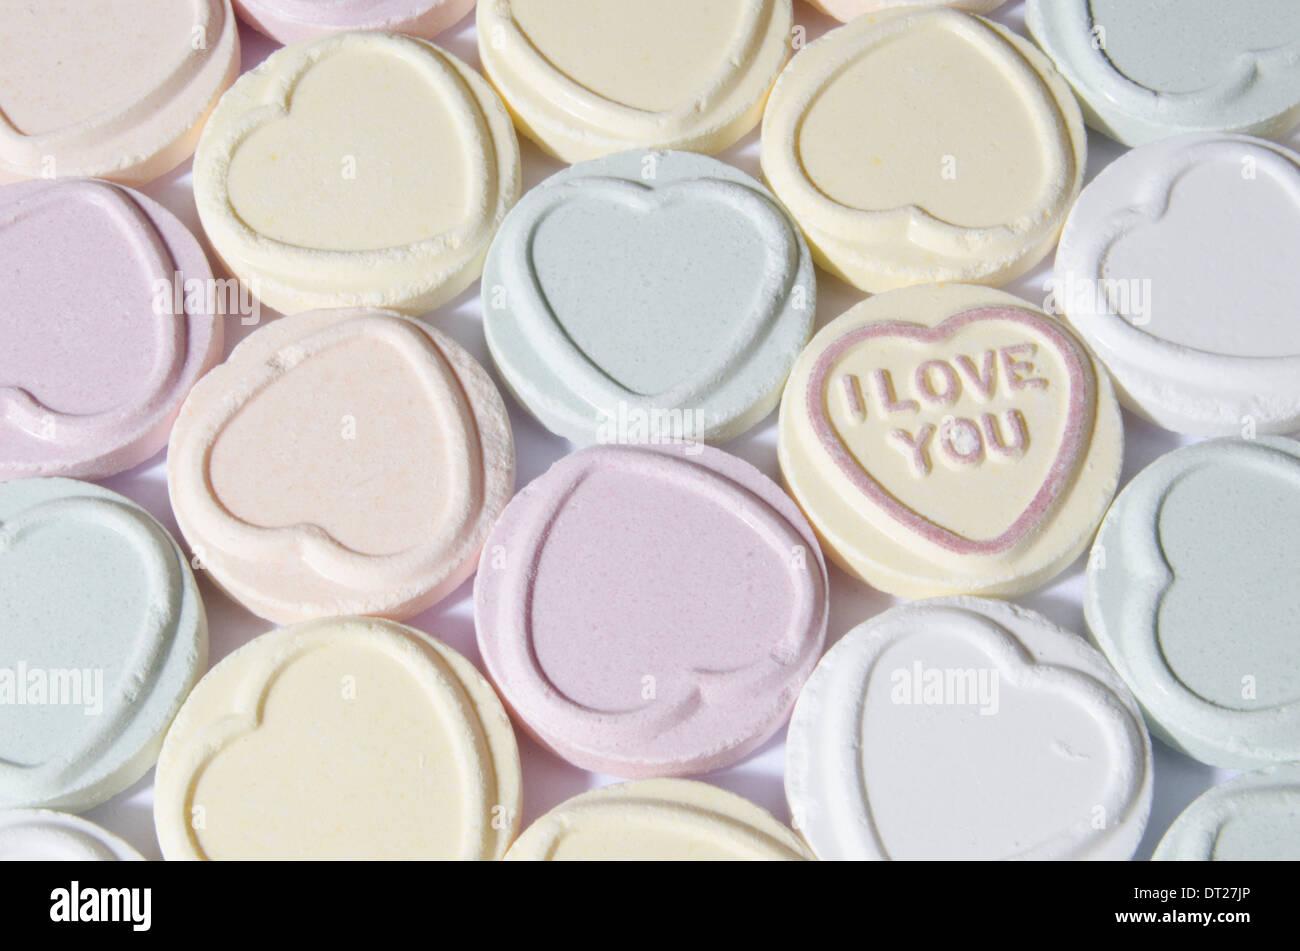 Love Hearts Photo Stock